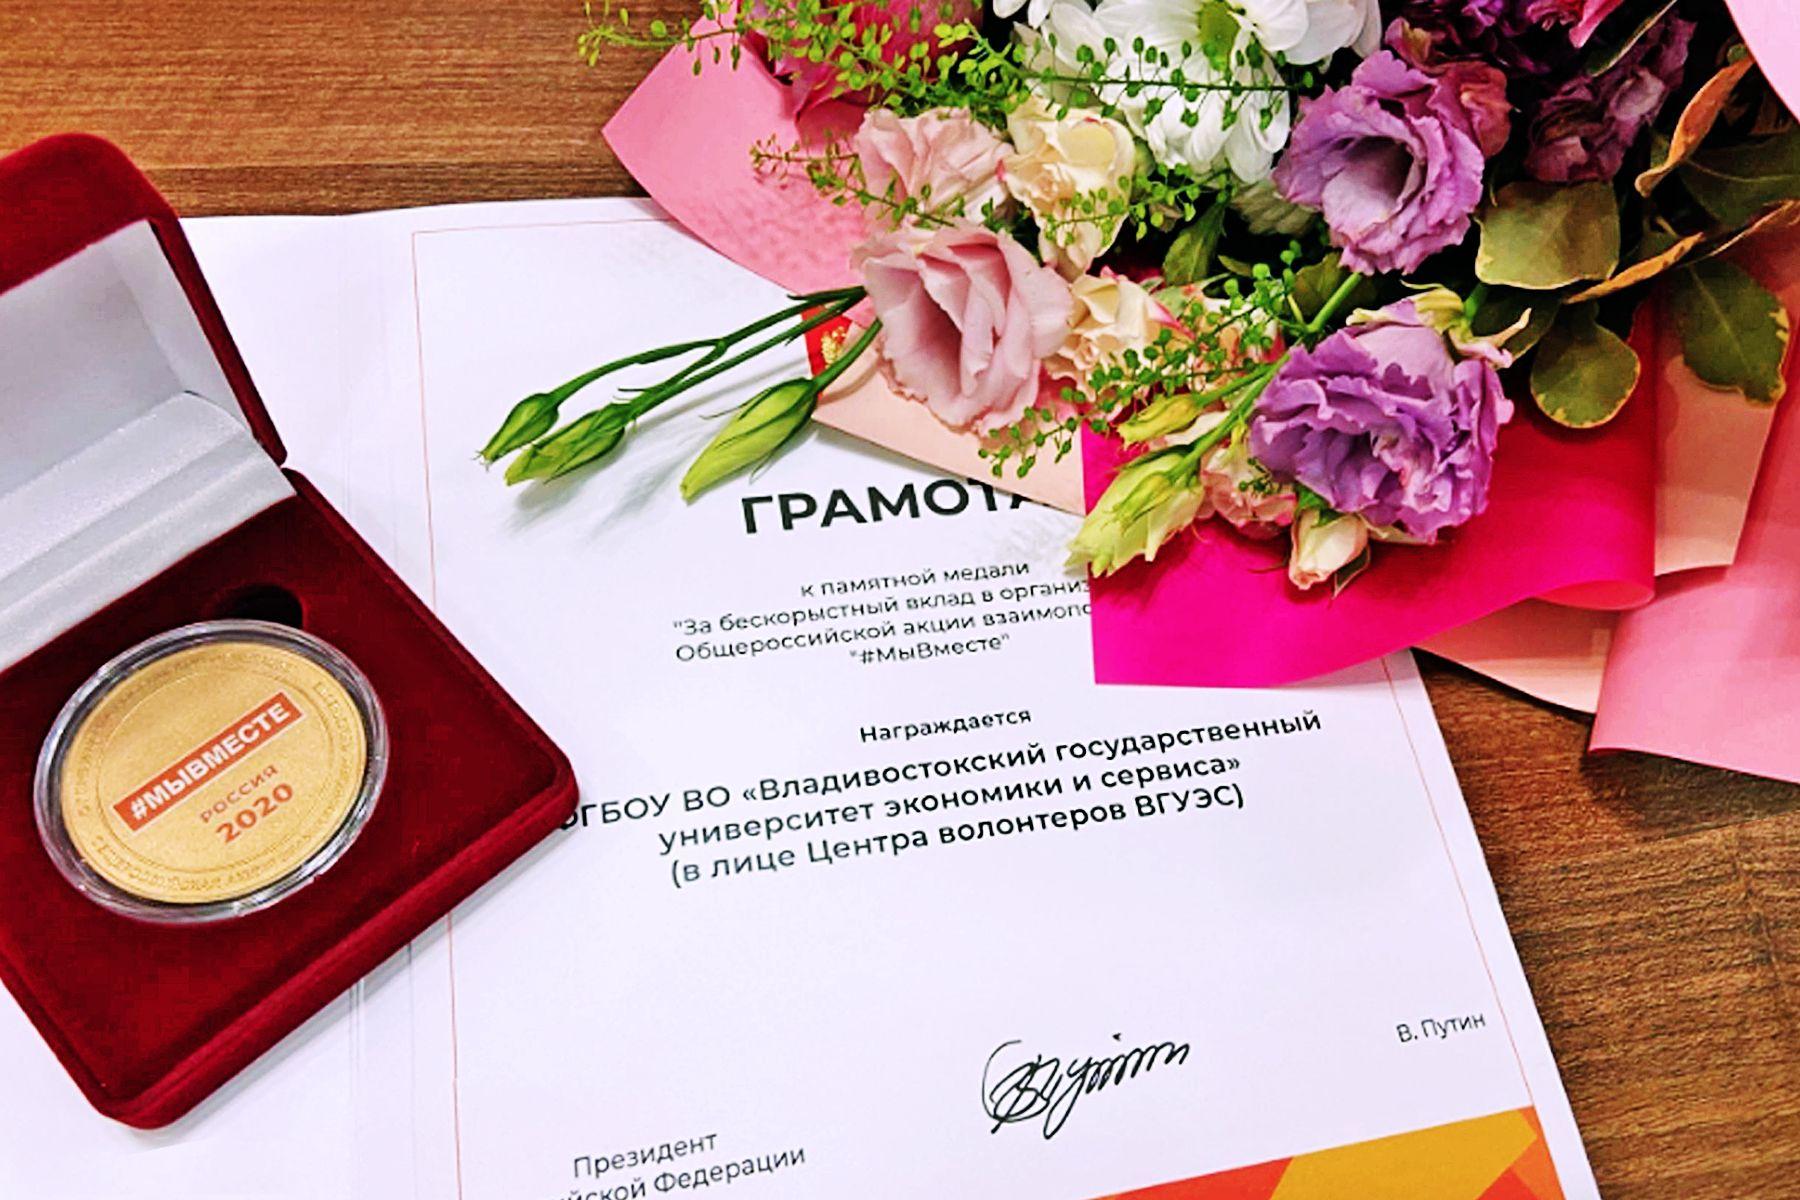 Центр волонтеров ВГУЭС награжден медалью Президента РФ